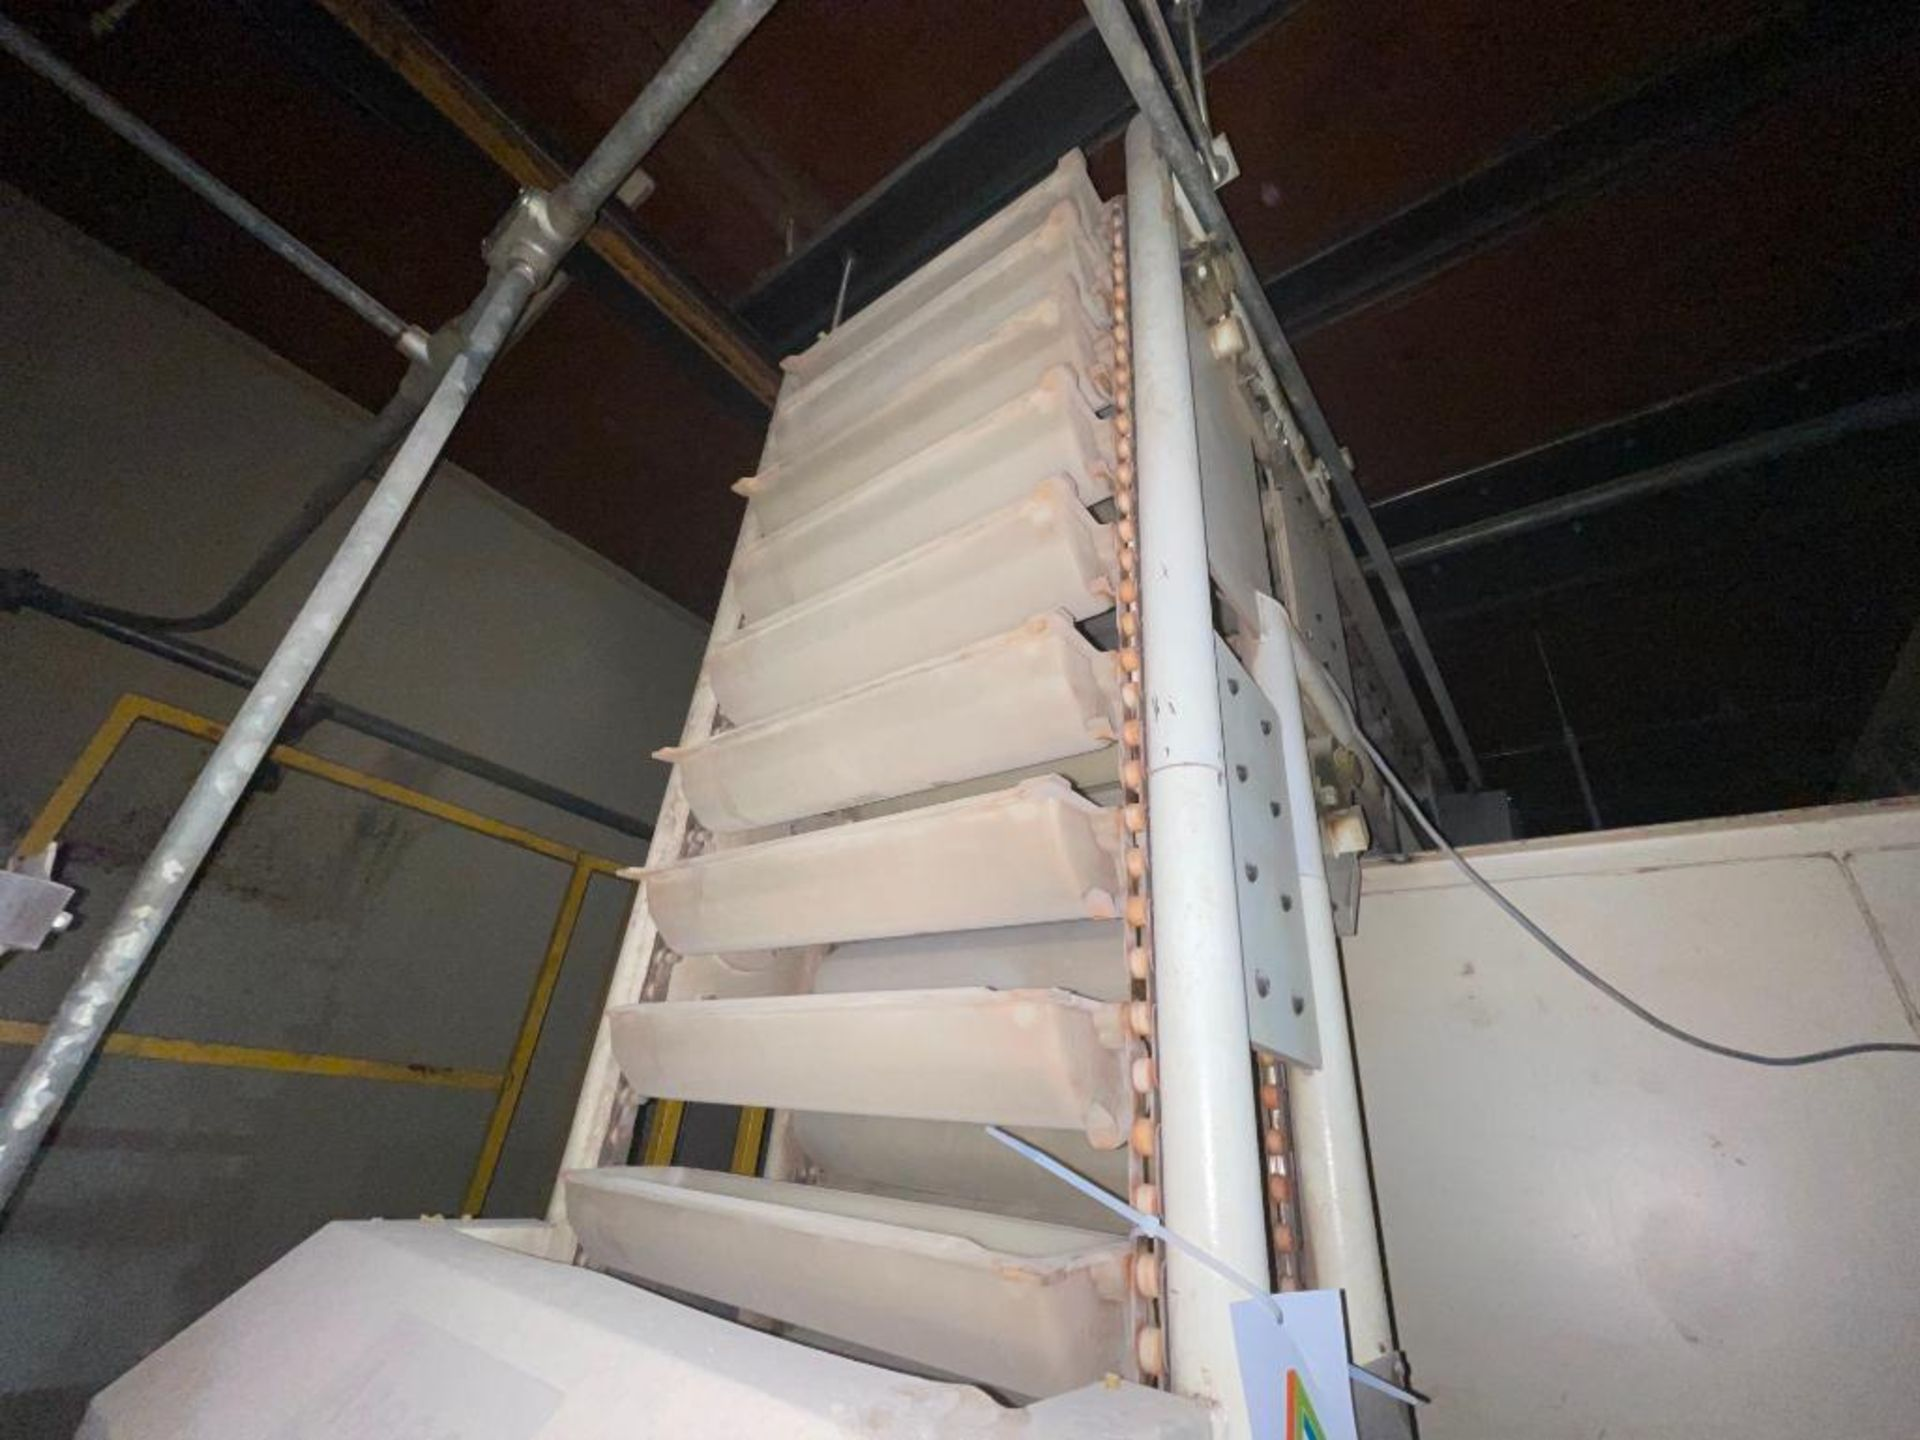 Aseeco horizontal overlapping bucket elevator - Image 4 of 10